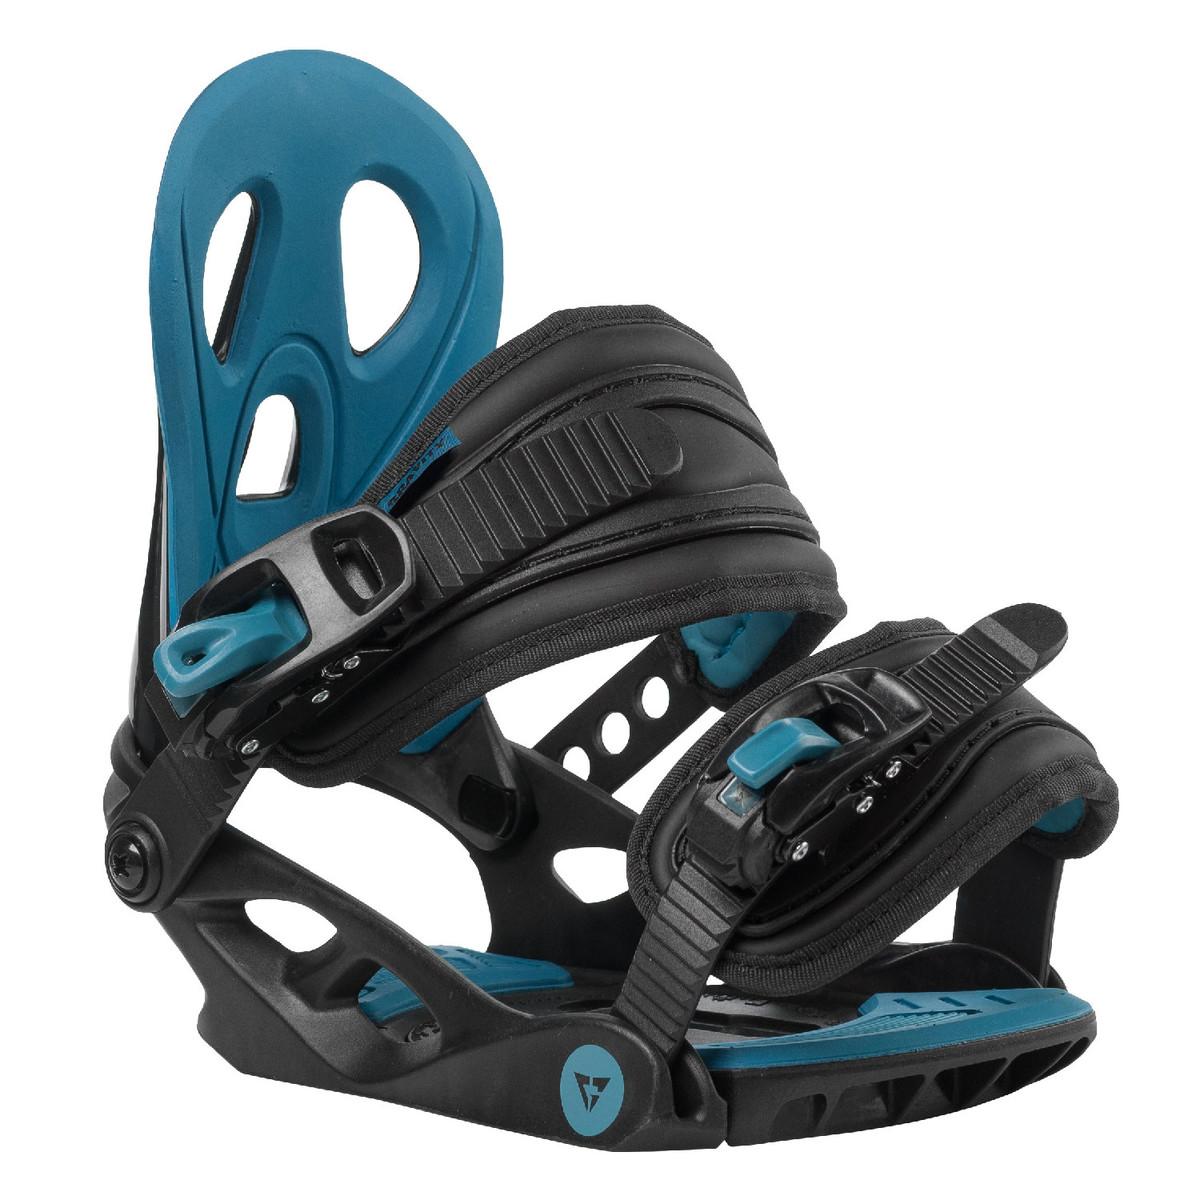 Snowboardové vázání Gravity G1 JR 19/20 černá/modrá S (EU 32-36)